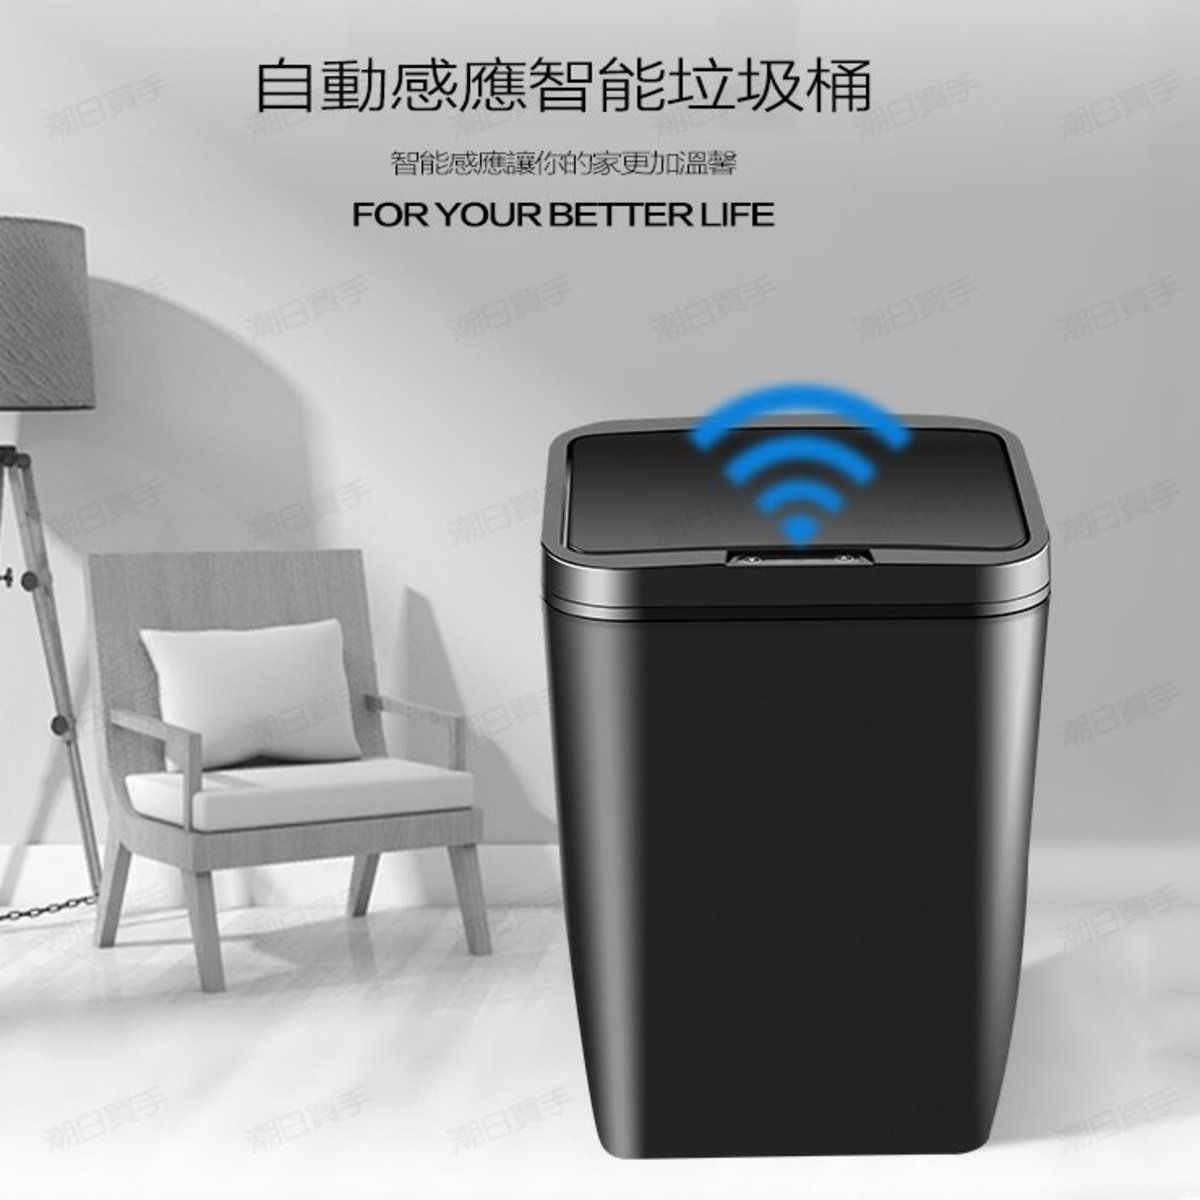 智能感應垃圾桶 自動開蓋垃圾桶- USB充電版